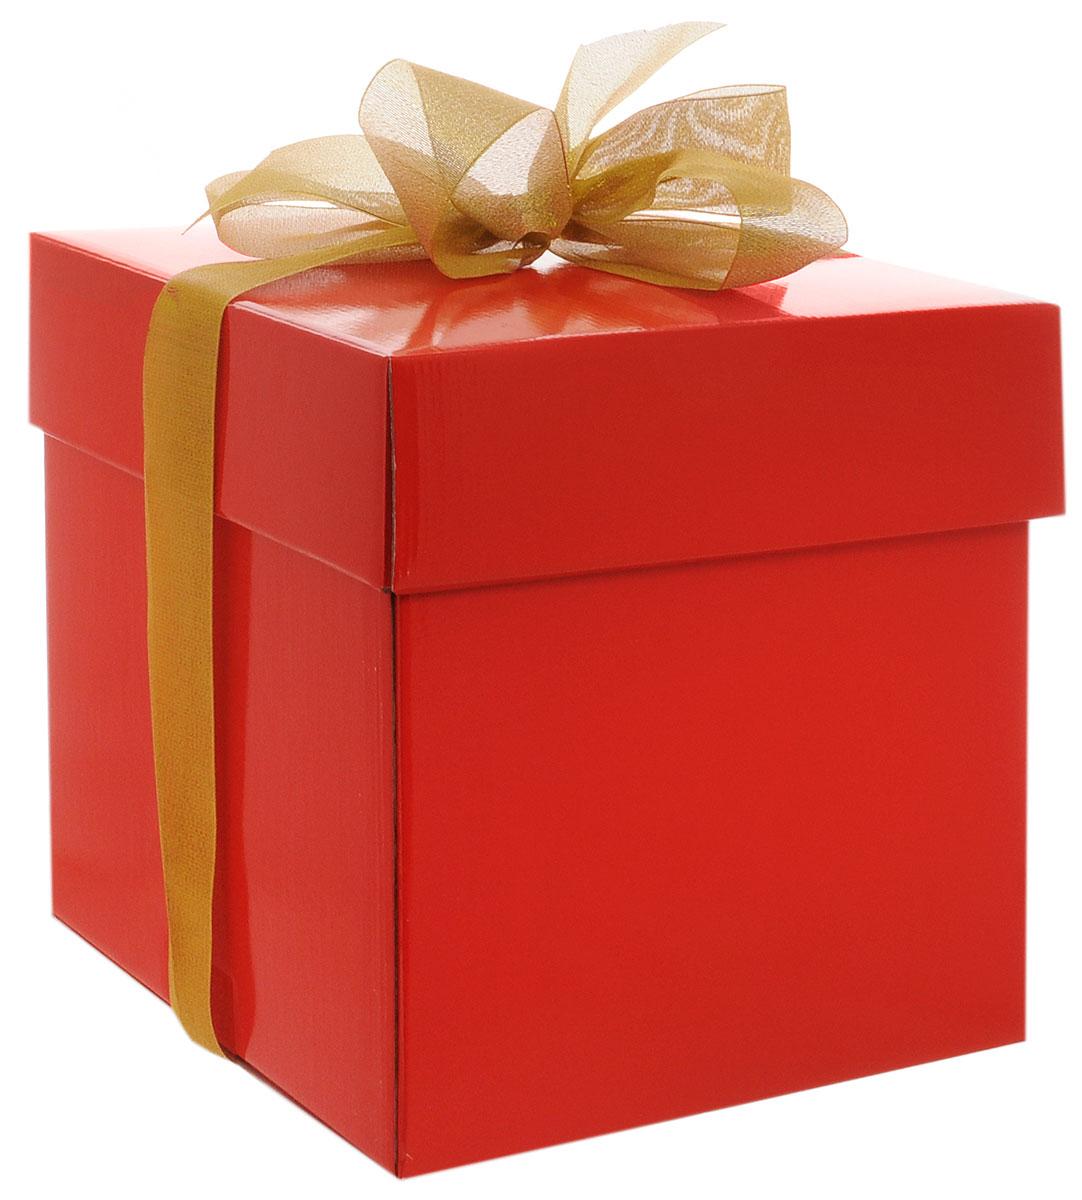 Волшебное печенье Вкусная помощь с предсказаниями, 105 шт4680016271432В новогоднюю ночь к вам придут много друзей, вы уже приготовили для них подарки, придумали меню и уже подготовили план развлечений. Но какая же новогодняя ночь без праздничных предсказаний? Мы приготовили для вас огромную красную коробку с волшебными печеньями, которых точно хватит всем. В этот набор входят 105 новогодних предсказаний и пожеланий, самых отборных и праздничных. Устраивайте веселые конкурсы с друзьями, дарите печеньки! Печенья с предсказаниями нравятся абсолютно всем, поэтому покупая такую коробку вы сделаете ваш вечер поистине волшебным. Уважаемые клиенты! Обращаем ваше внимание на то, что упаковка может иметь несколько видов дизайна. Поставка осуществляется в зависимости от наличия на складе.